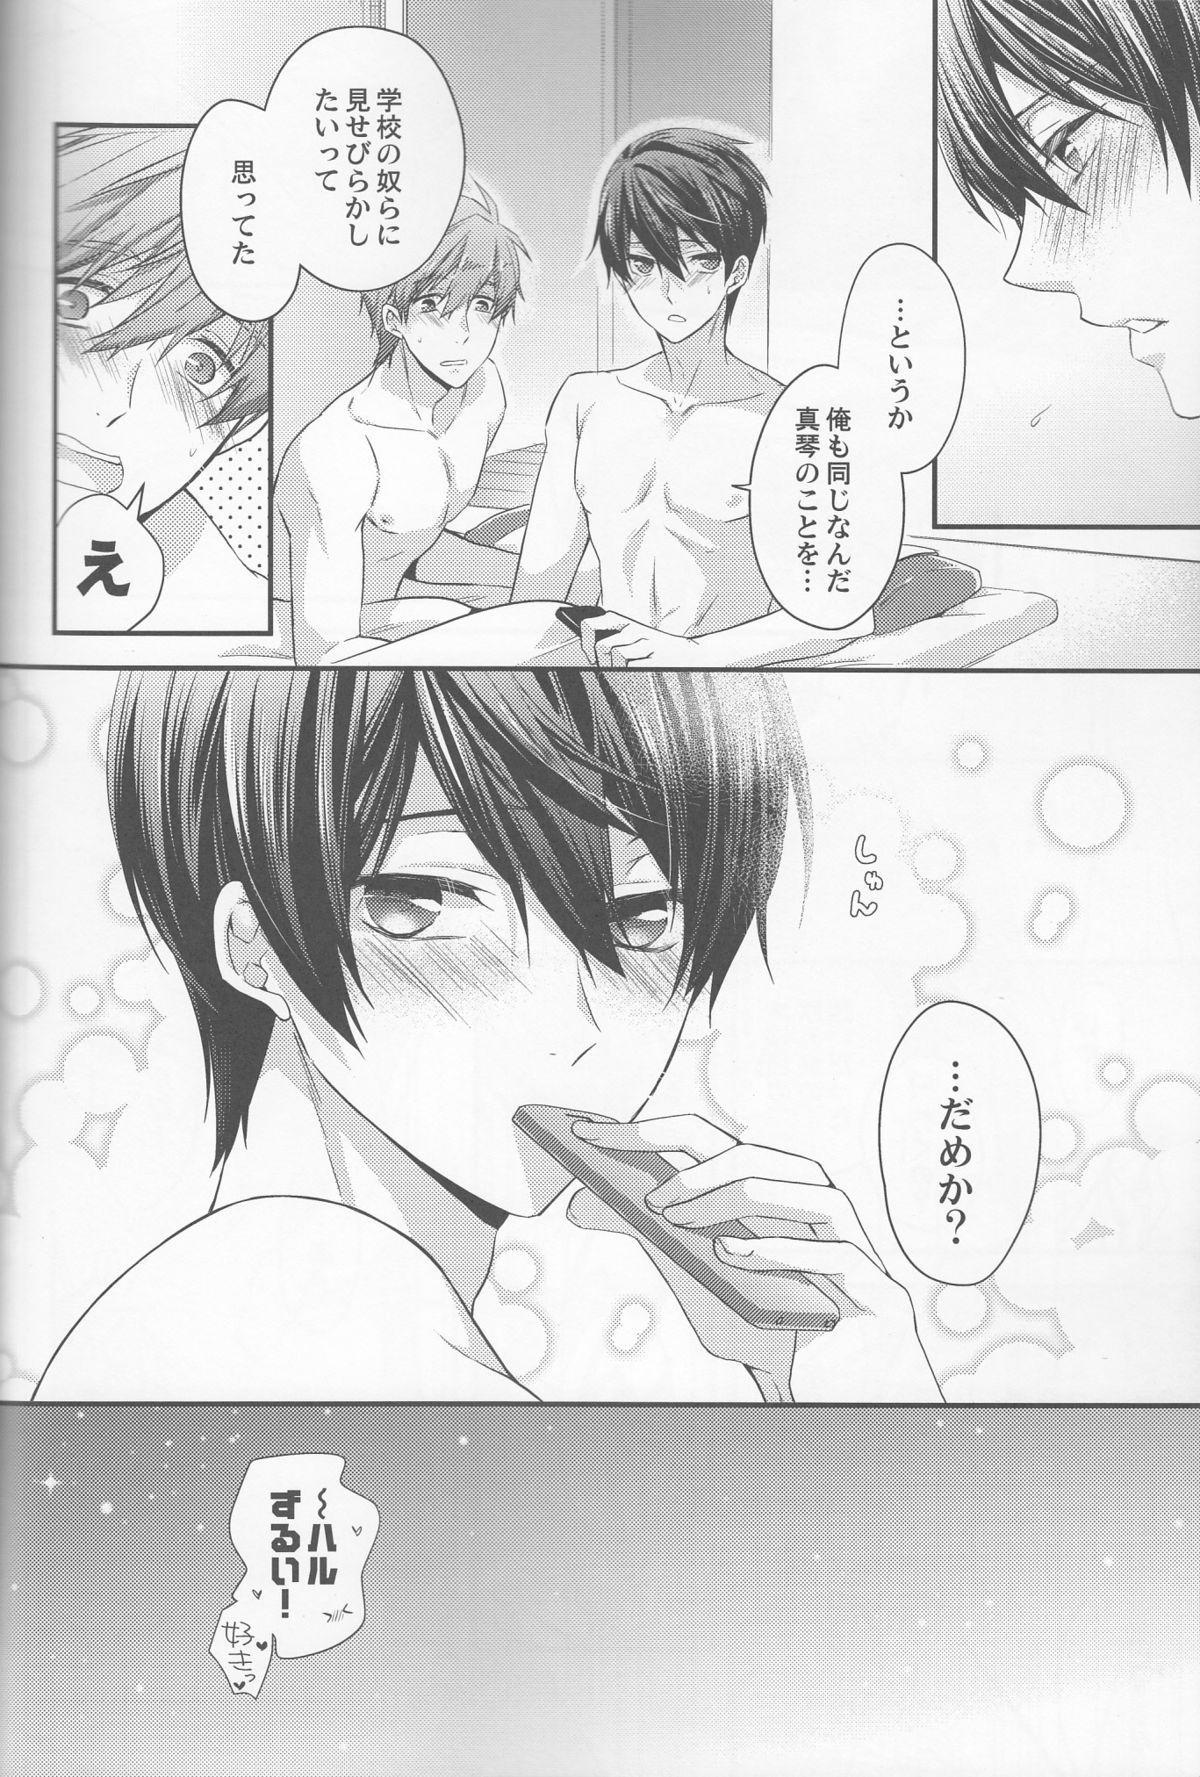 Hajimemashite Yome desu. 25